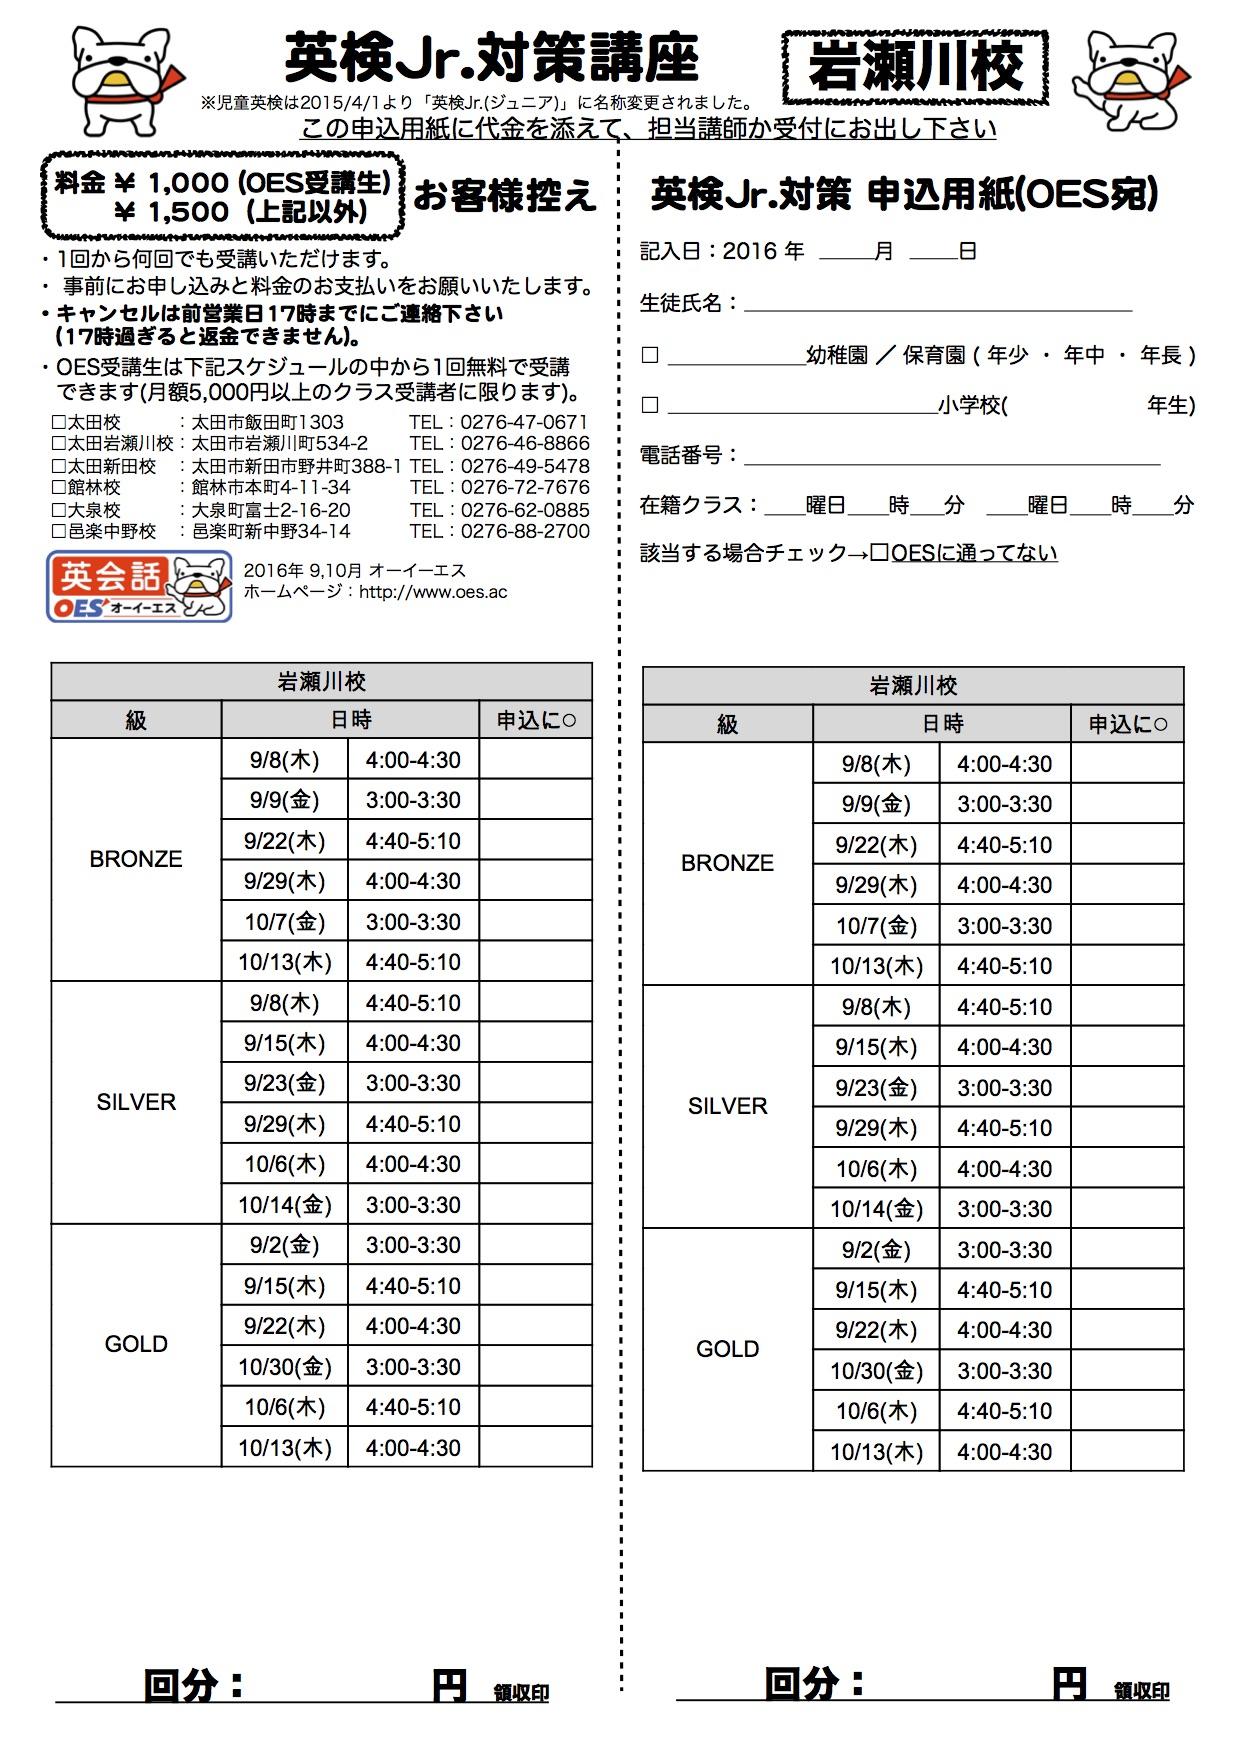 申込用紙 2016-2 岩瀬川校